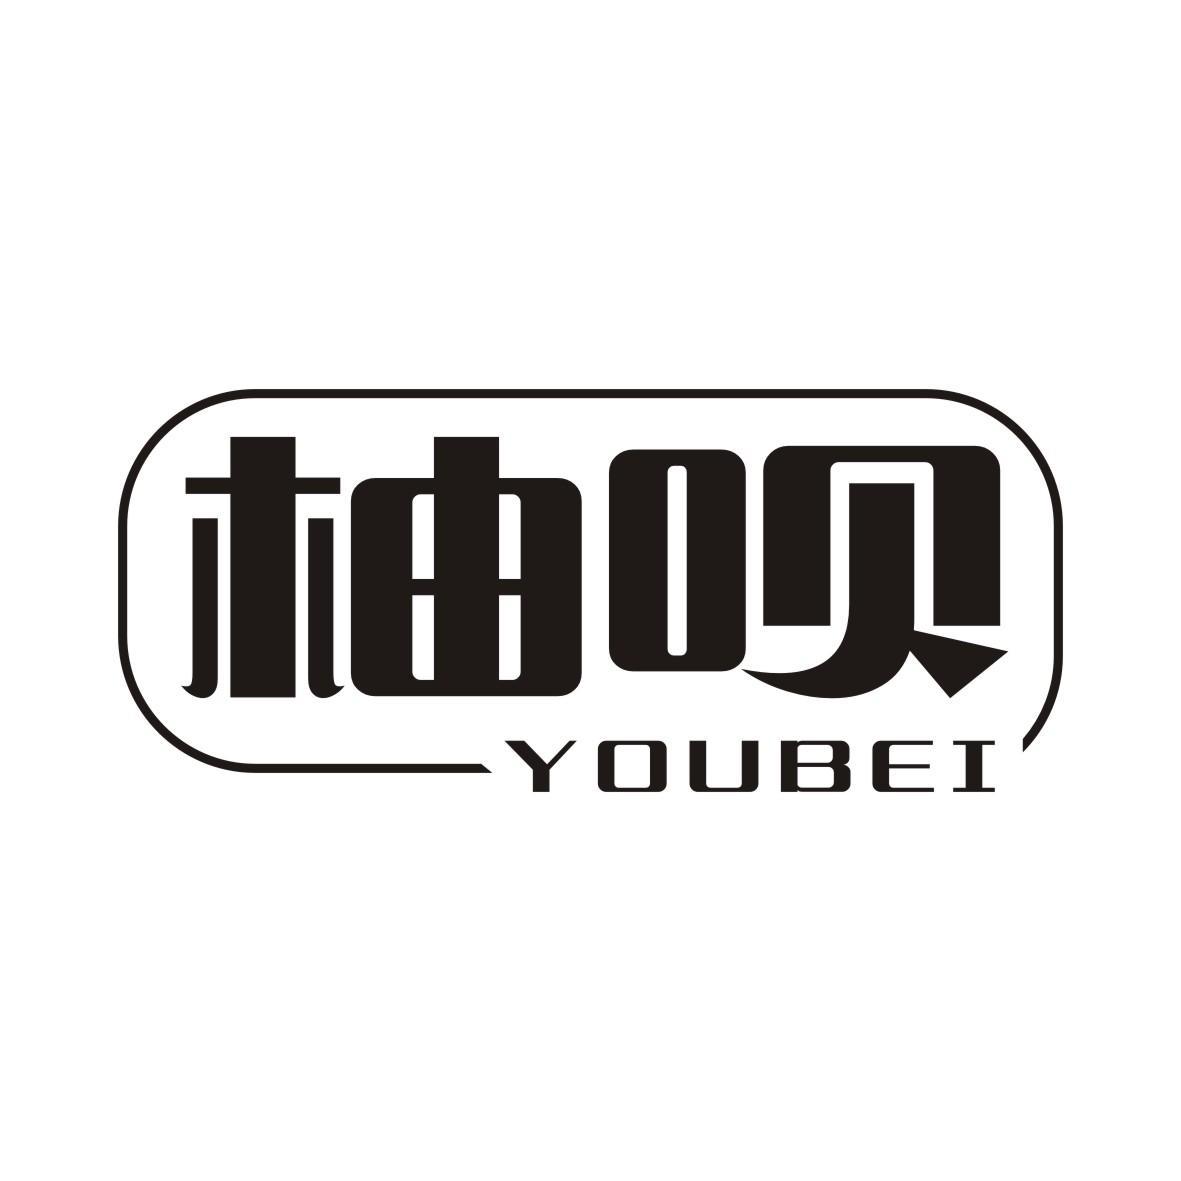 柚呗YOUBEI